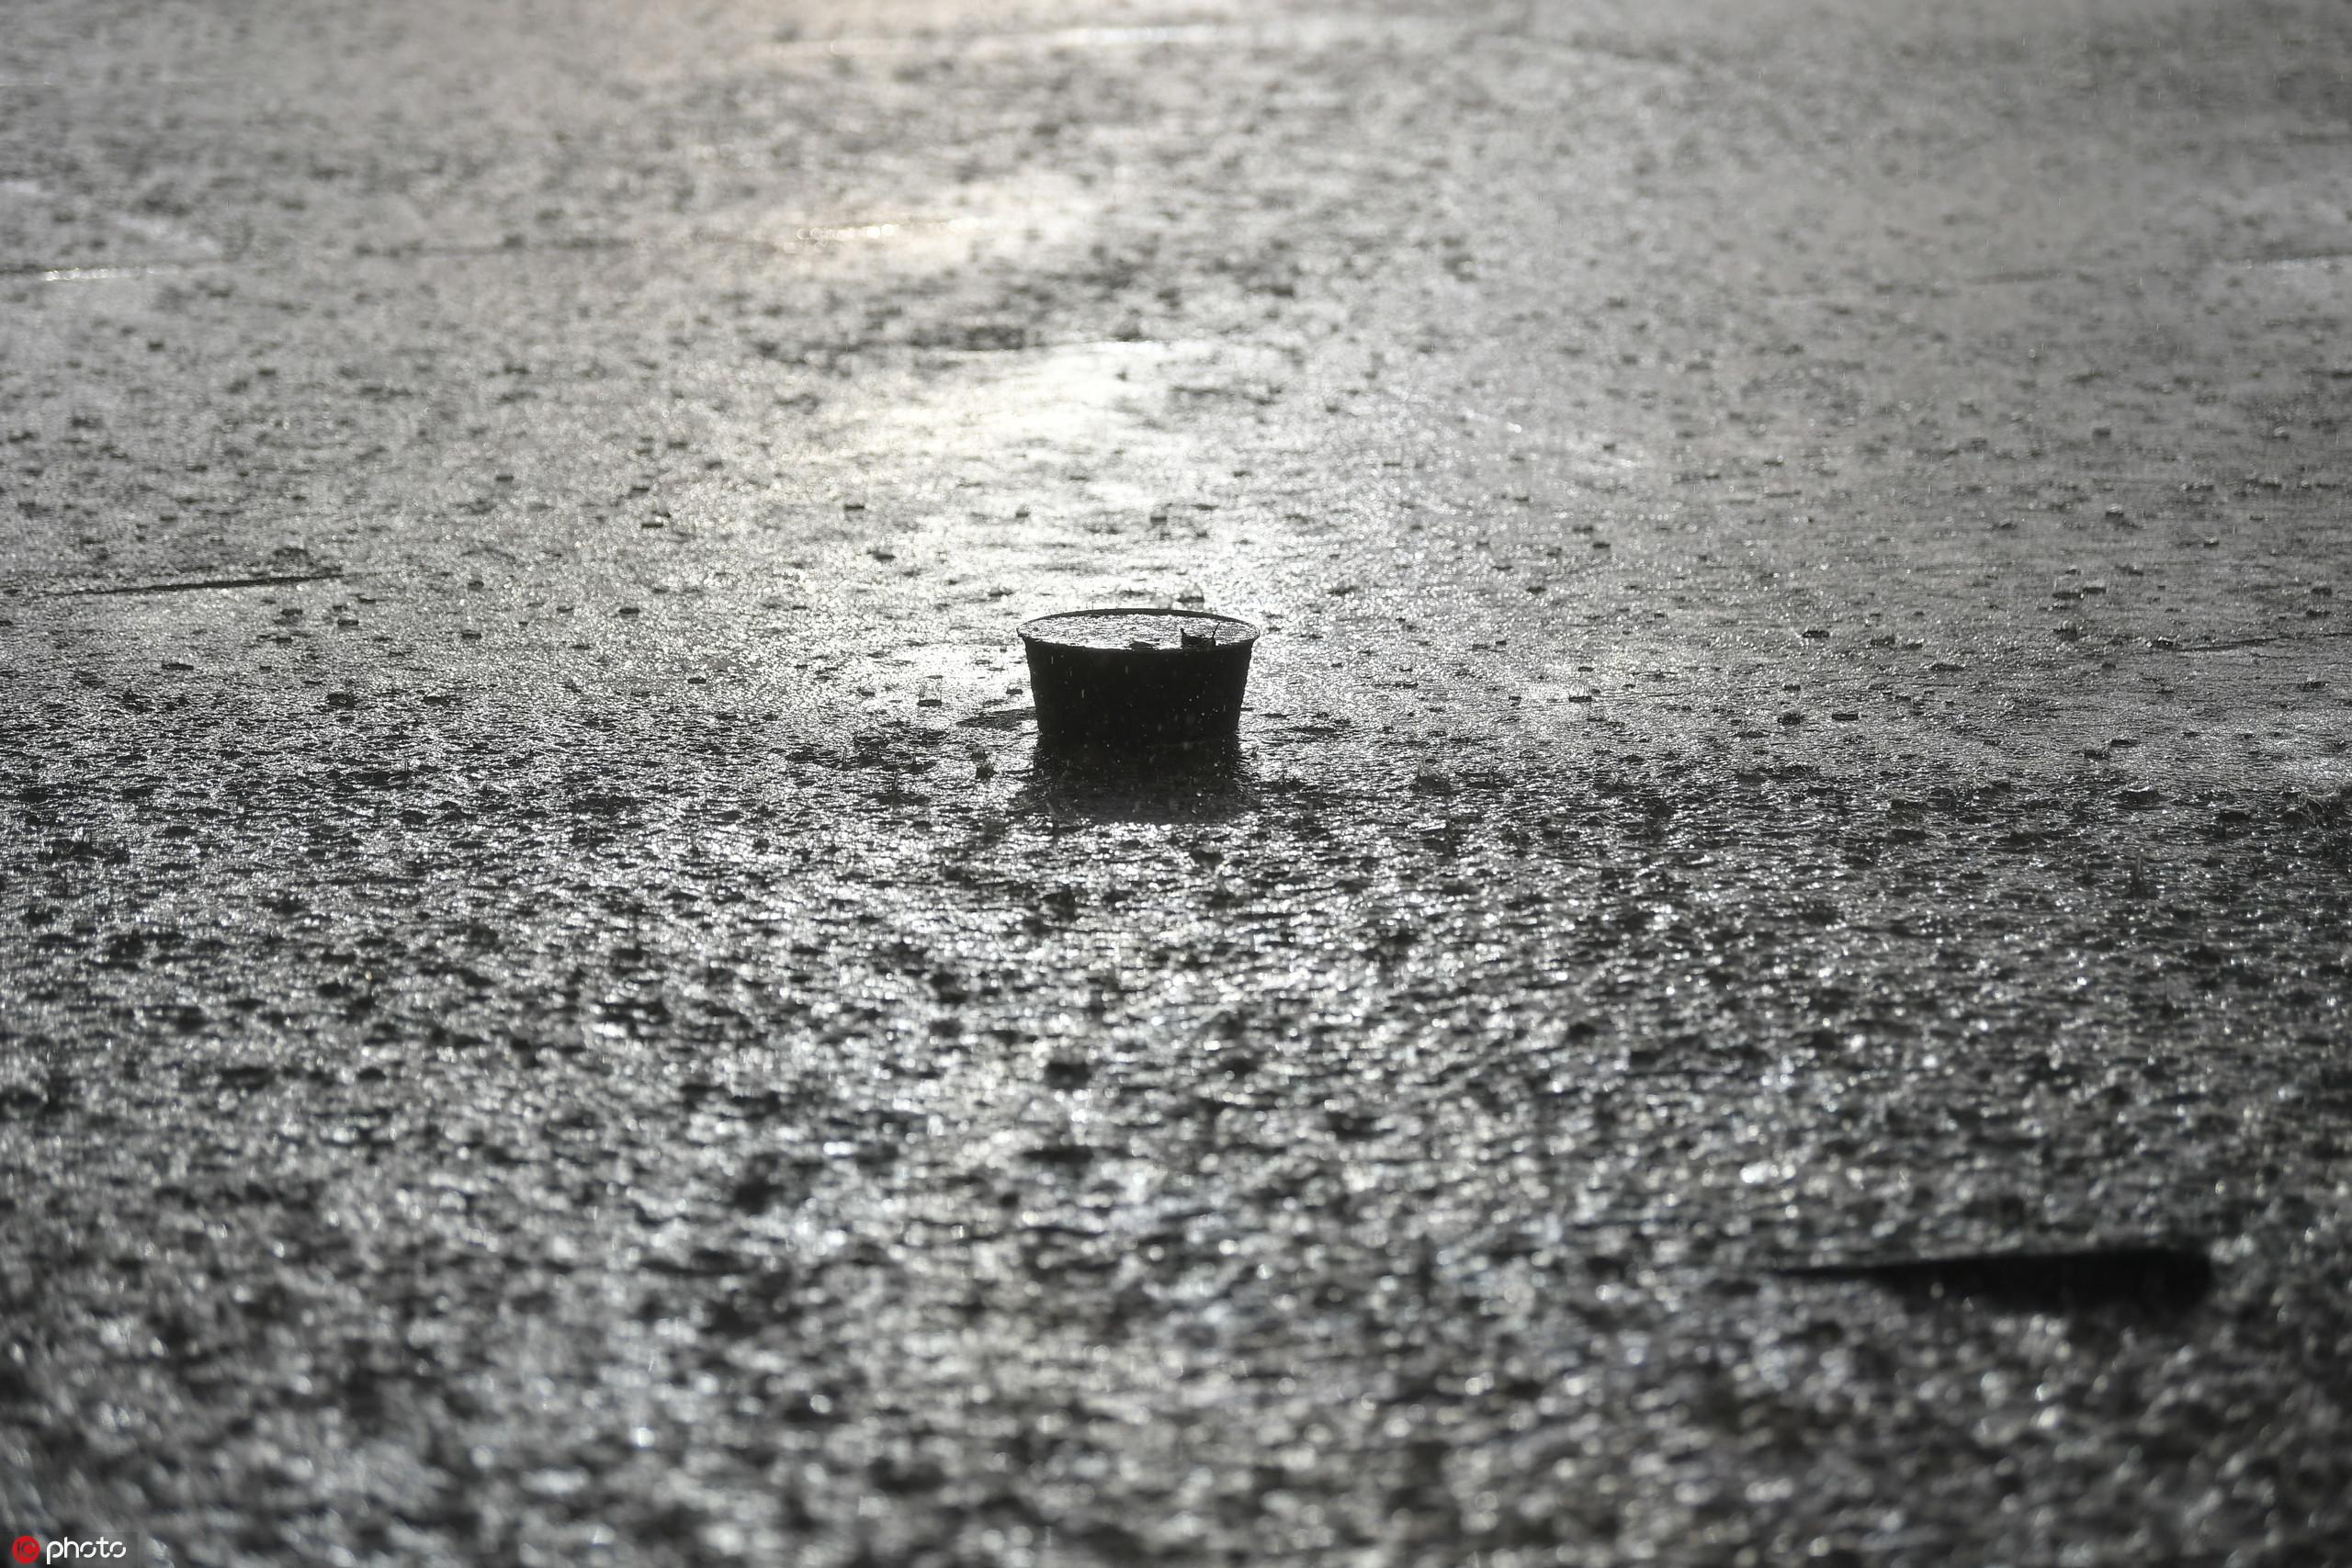 官方:建业人和一役因暴雨暂定延后30分钟